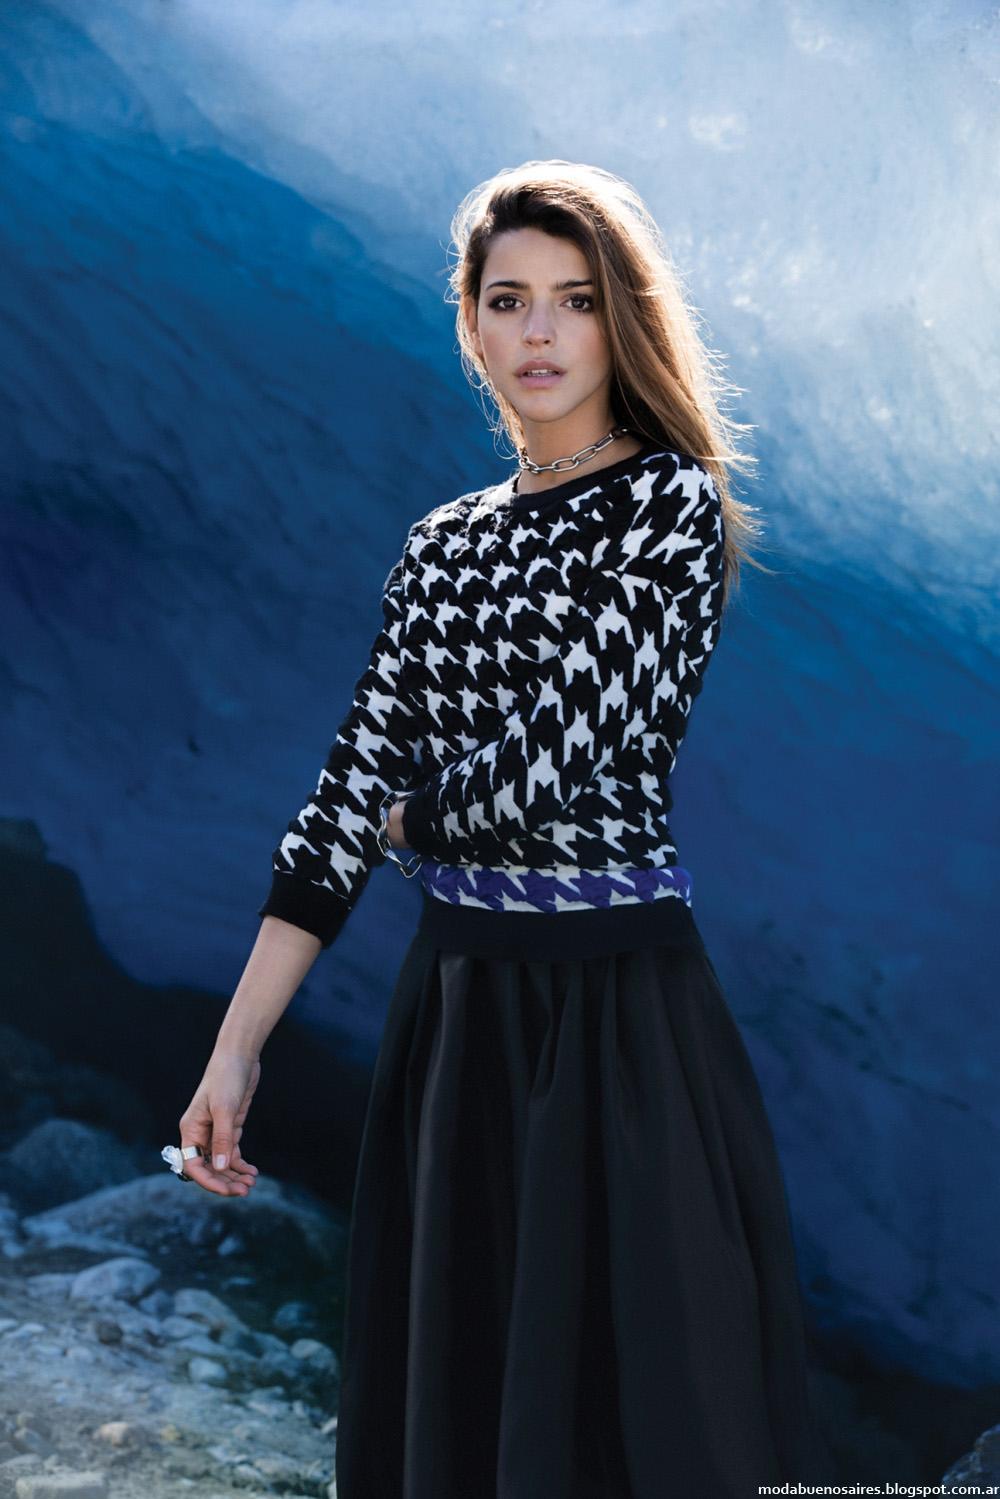 Moda invierno 2014 Sweaters Falabella Argentina.